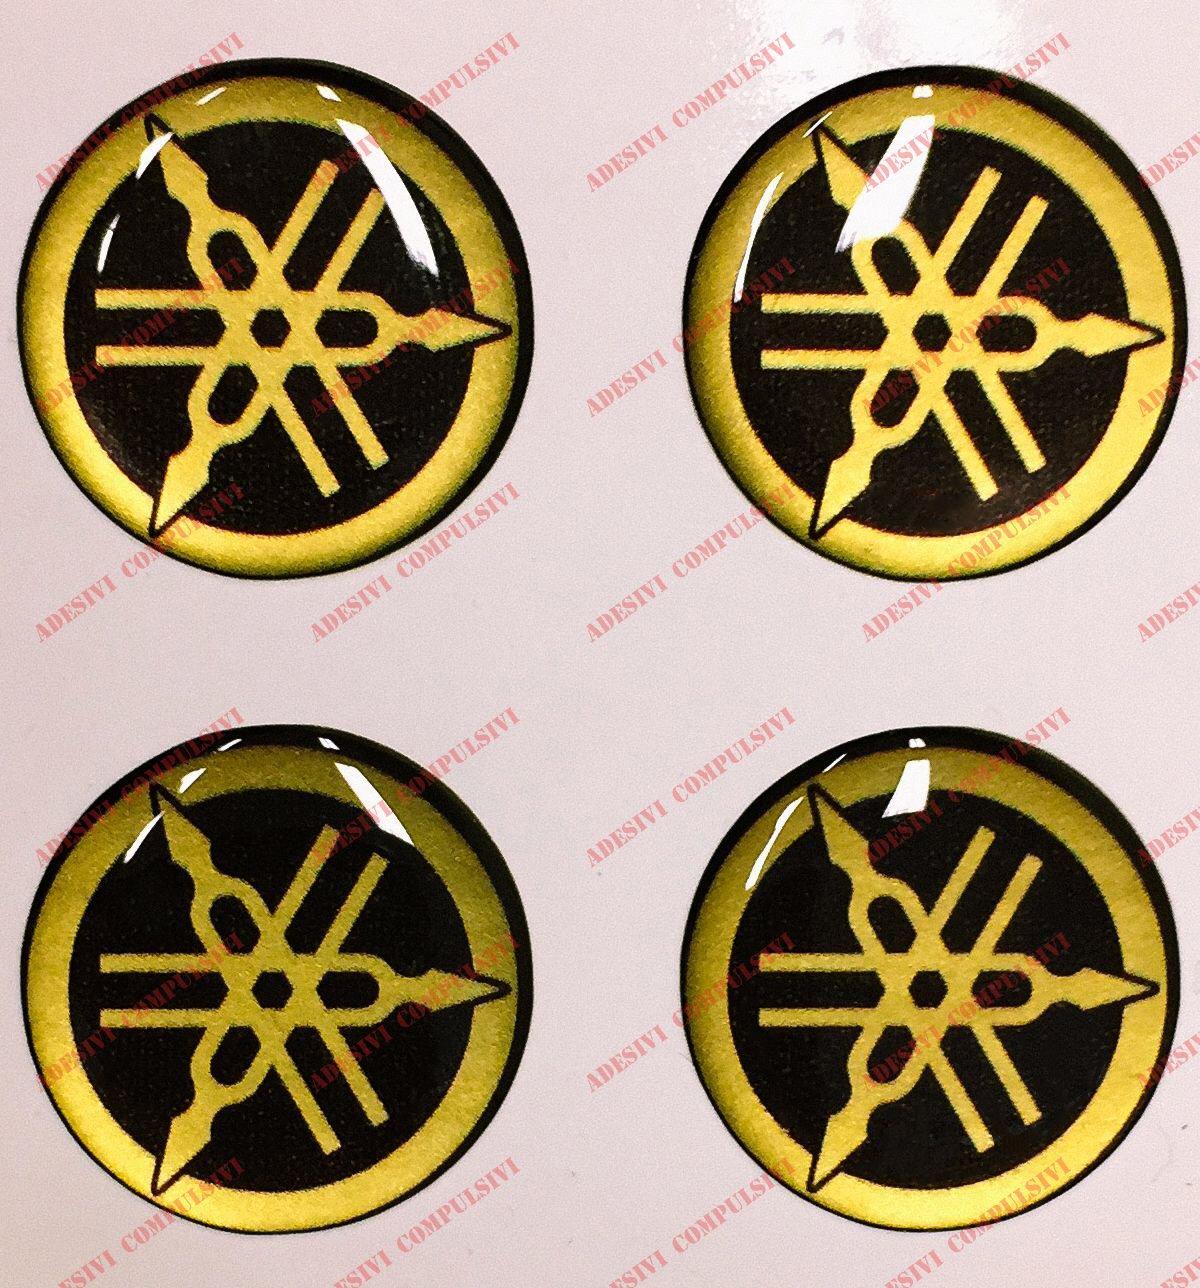 Stemma logo decal YAMAHA, kit di 4 adesivi resinati, effetto 3D. Colore: nero - oro. Per SERBATOIO o CASCO Adesivi Compulsivi